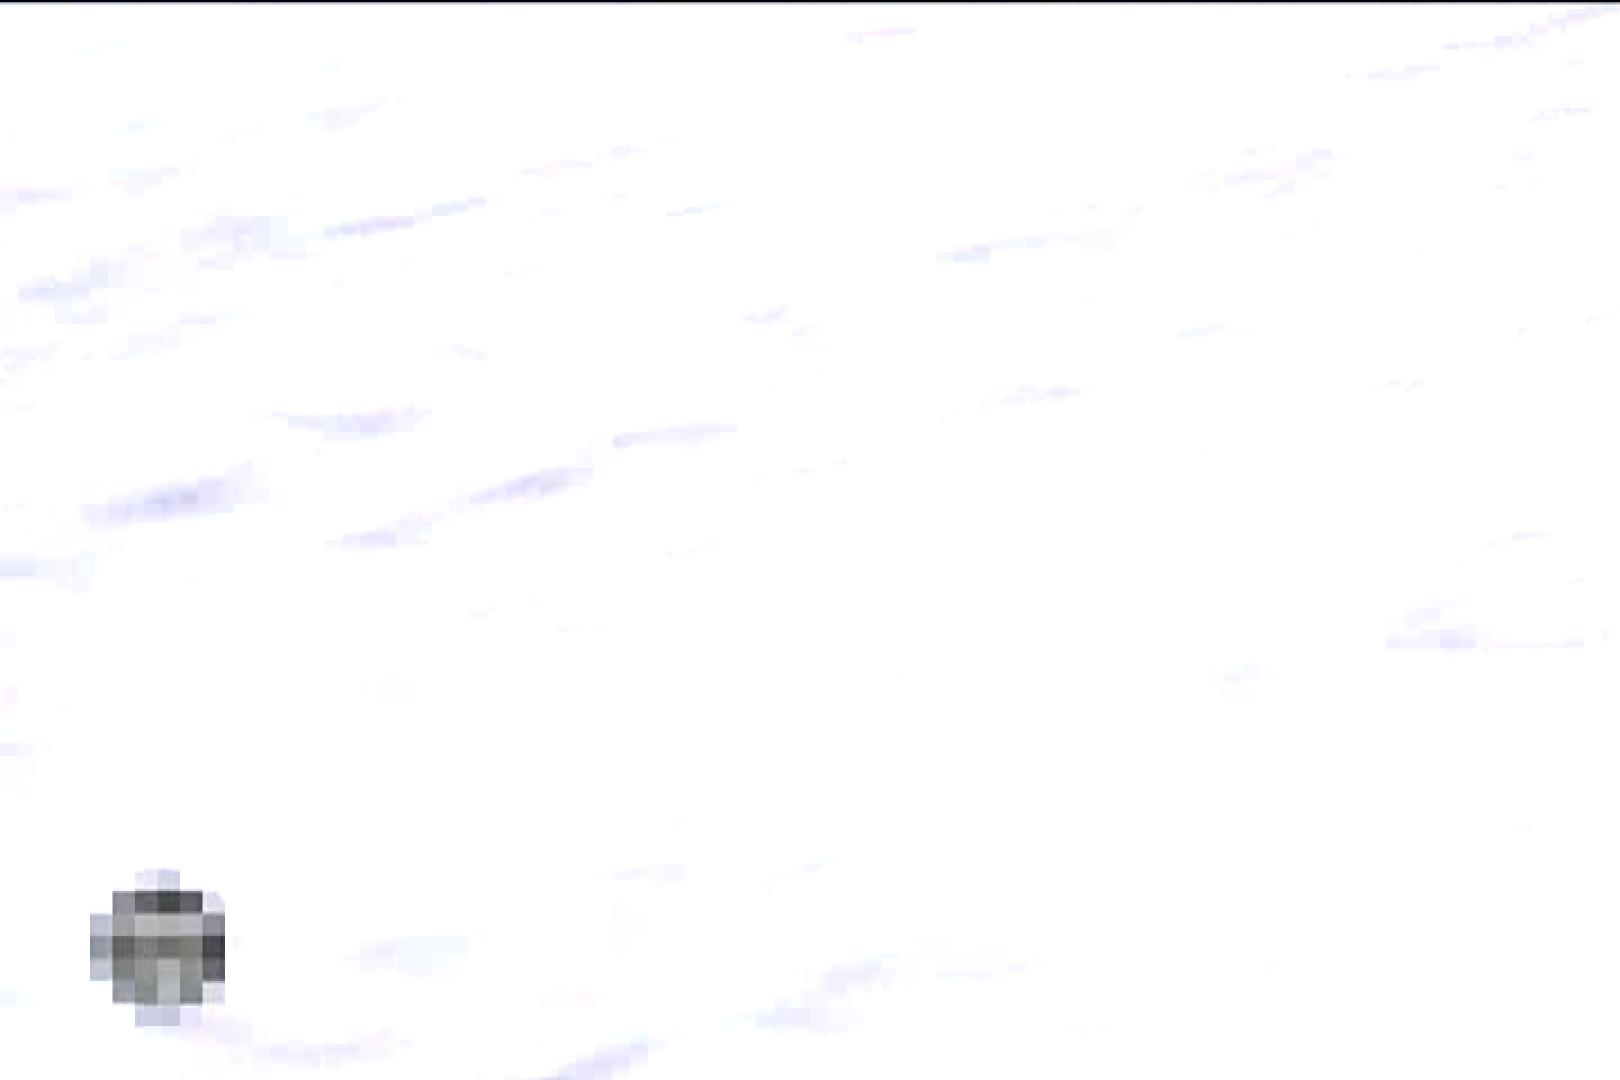 暗躍する夜這い師達Vol.4 ワルノリ  57画像 24